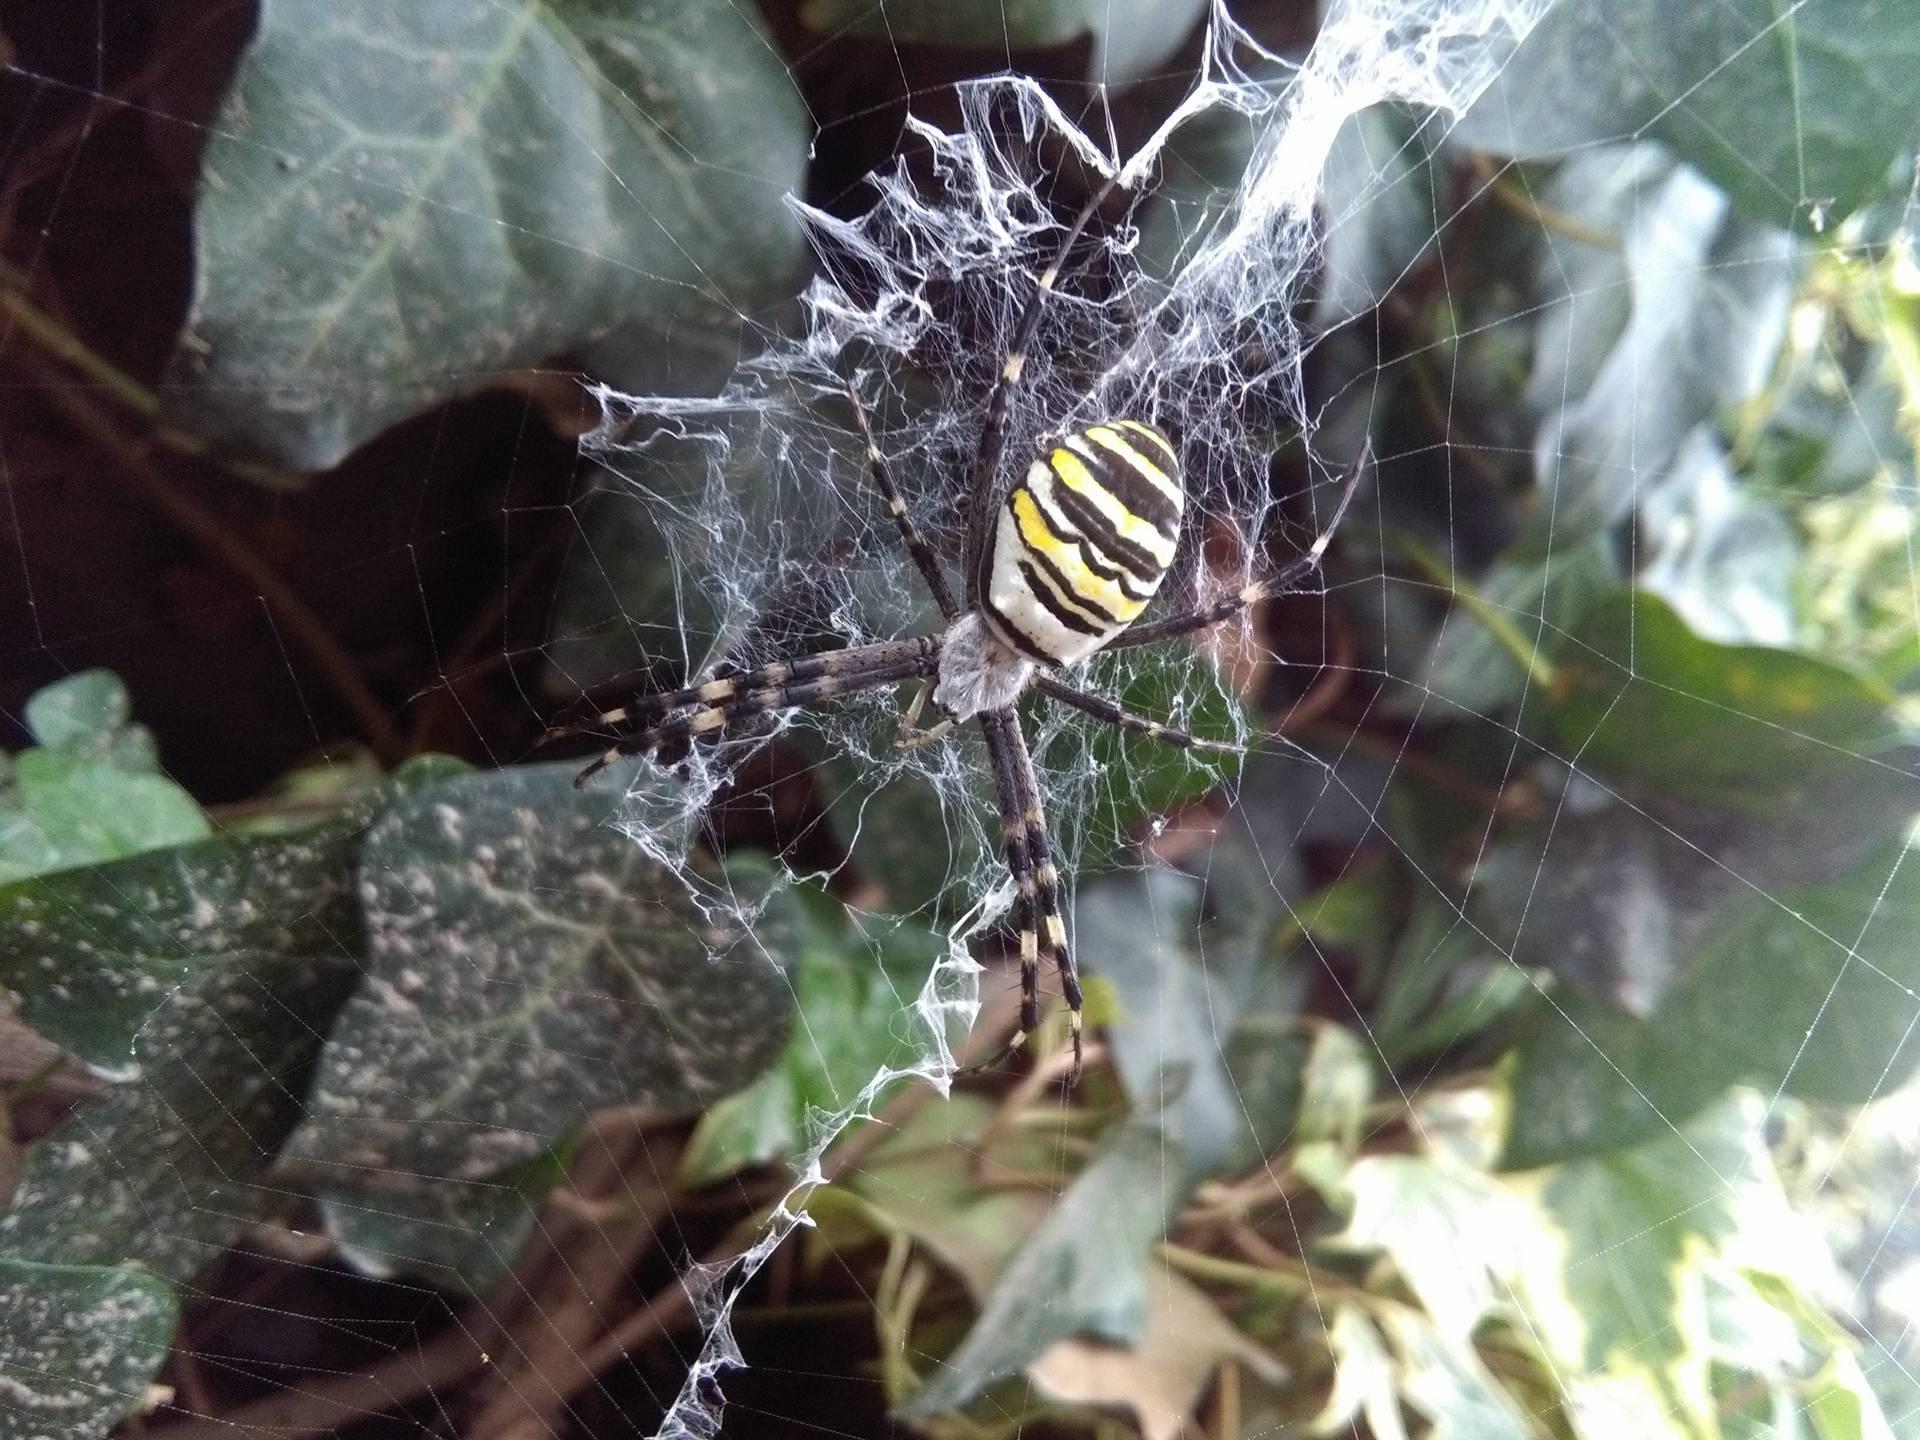 Na zahrade som narazila... - Obrázok č. 1